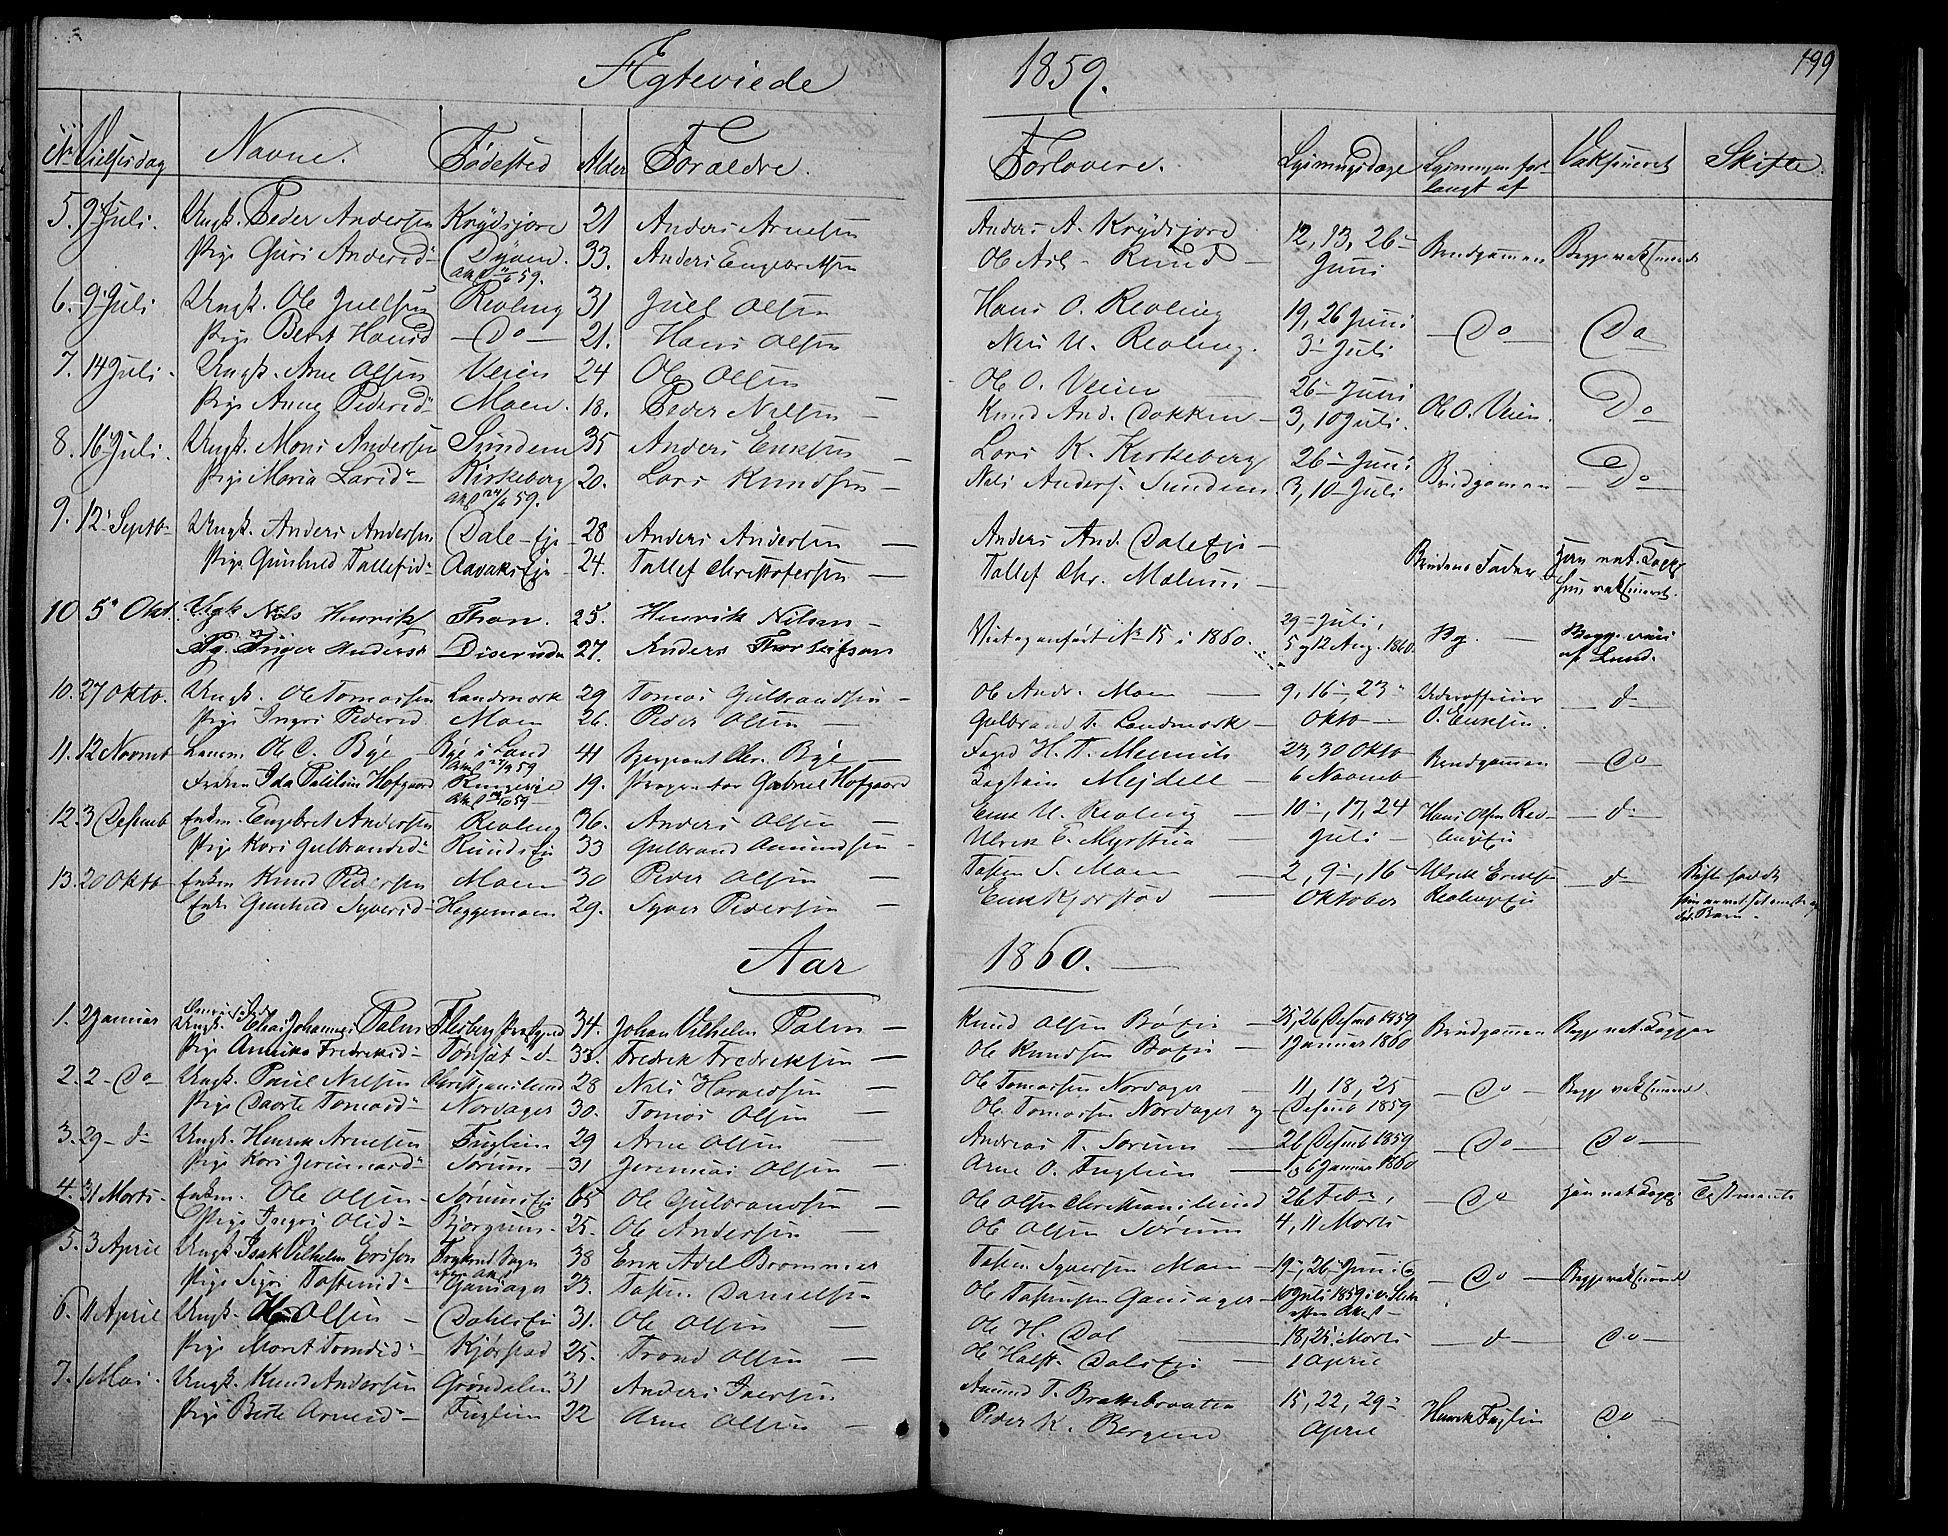 SAH, Nord-Aurdal prestekontor, Klokkerbok nr. 2, 1842-1877, s. 199